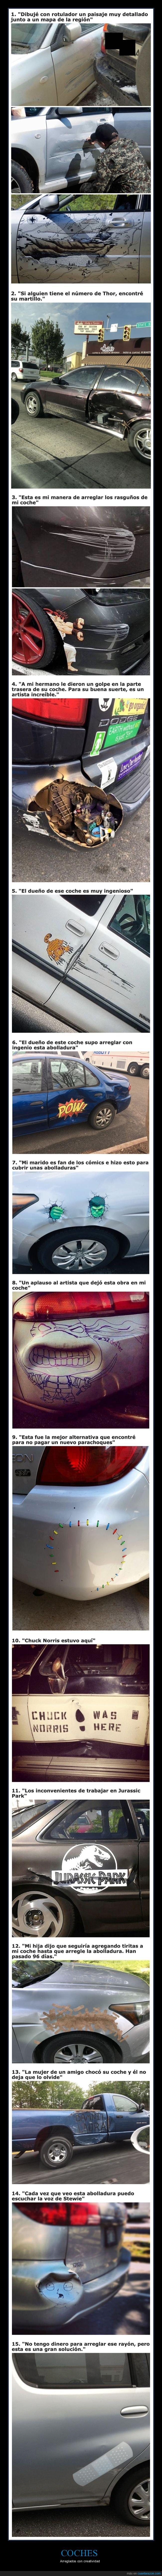 arreglos,coches,creatividad